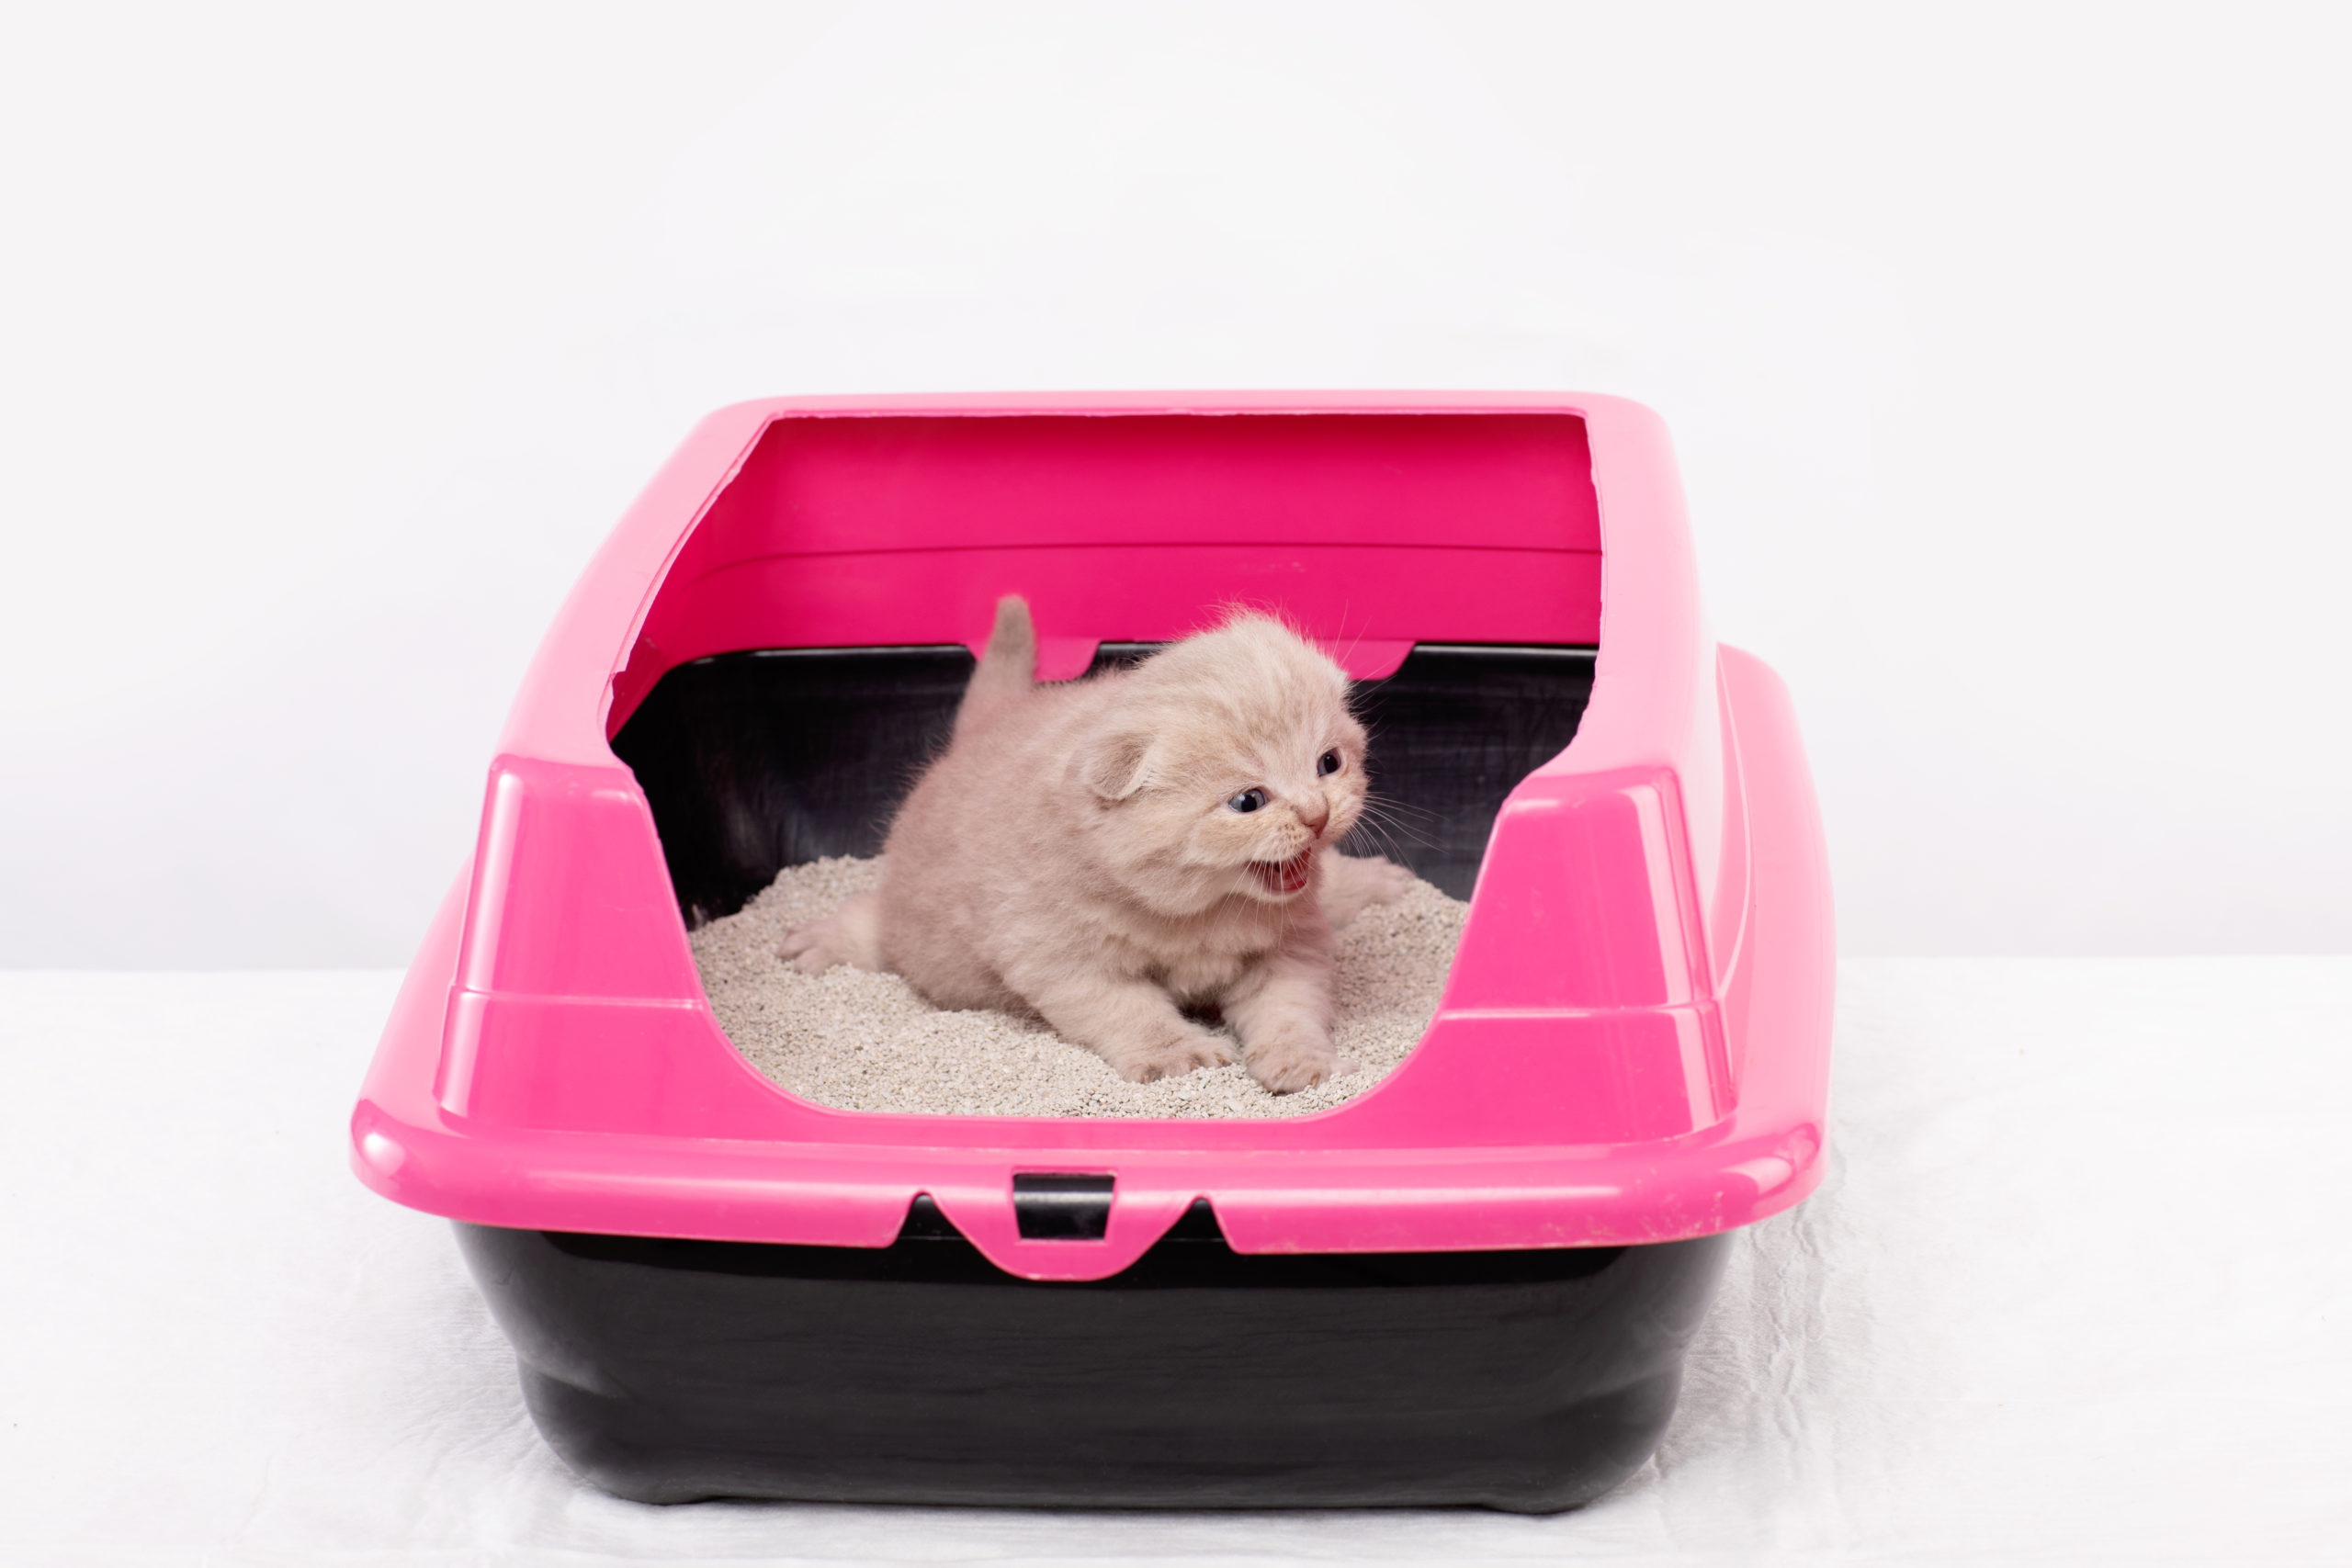 ネコがトイレのフチに足を掛けて排泄するのはナゼ?【原因は3つ】:まとめ